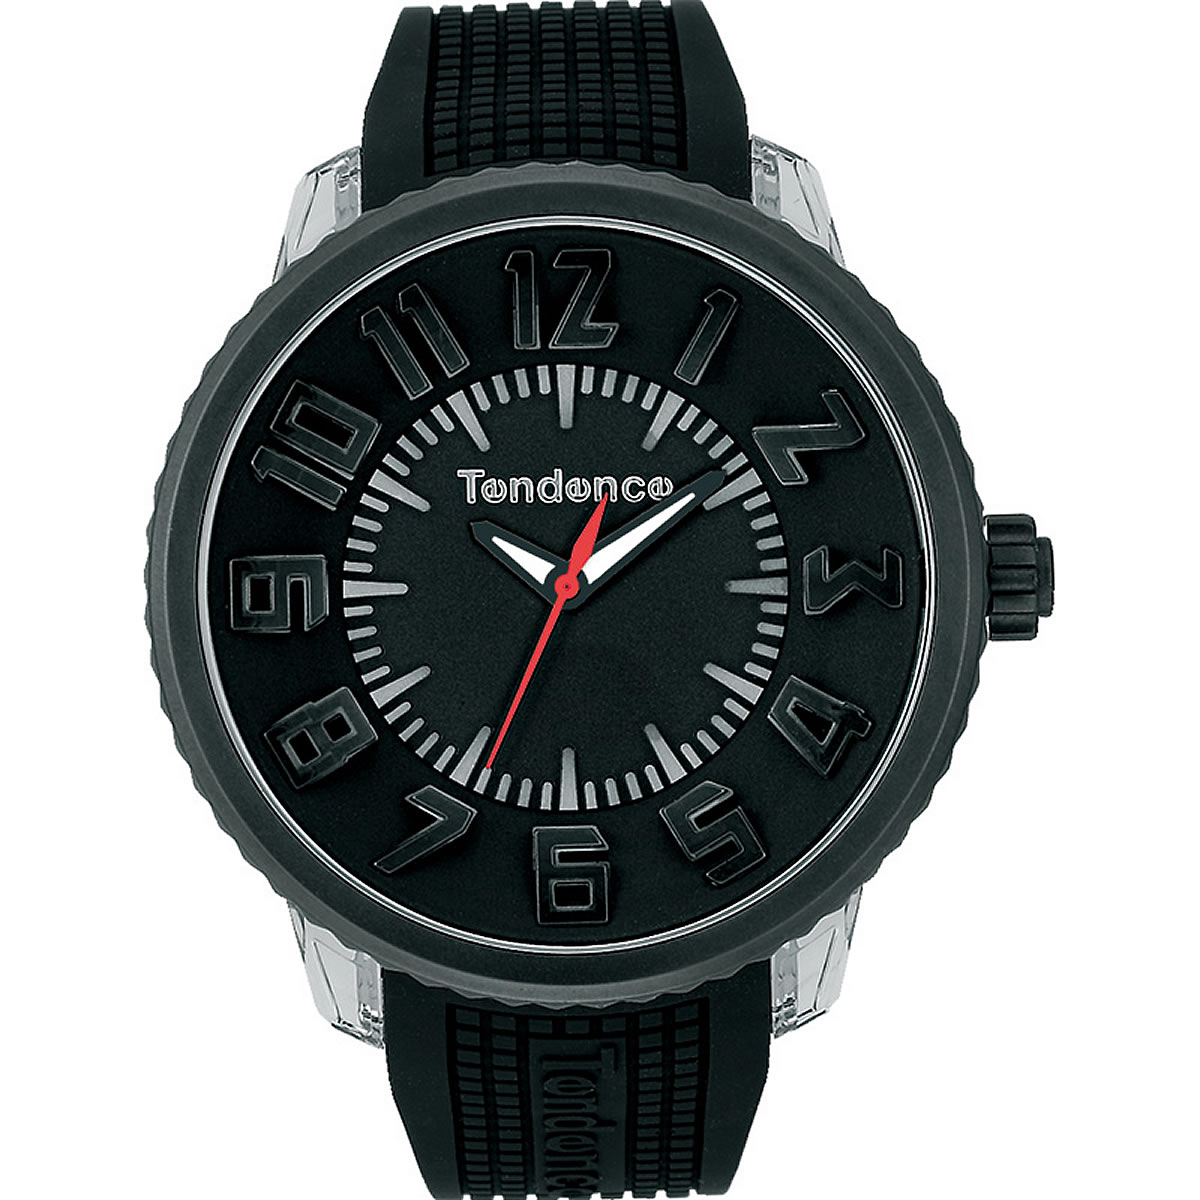 Tendence(テンデンス)FLASH(フラッシュ)TG530001 ブラック